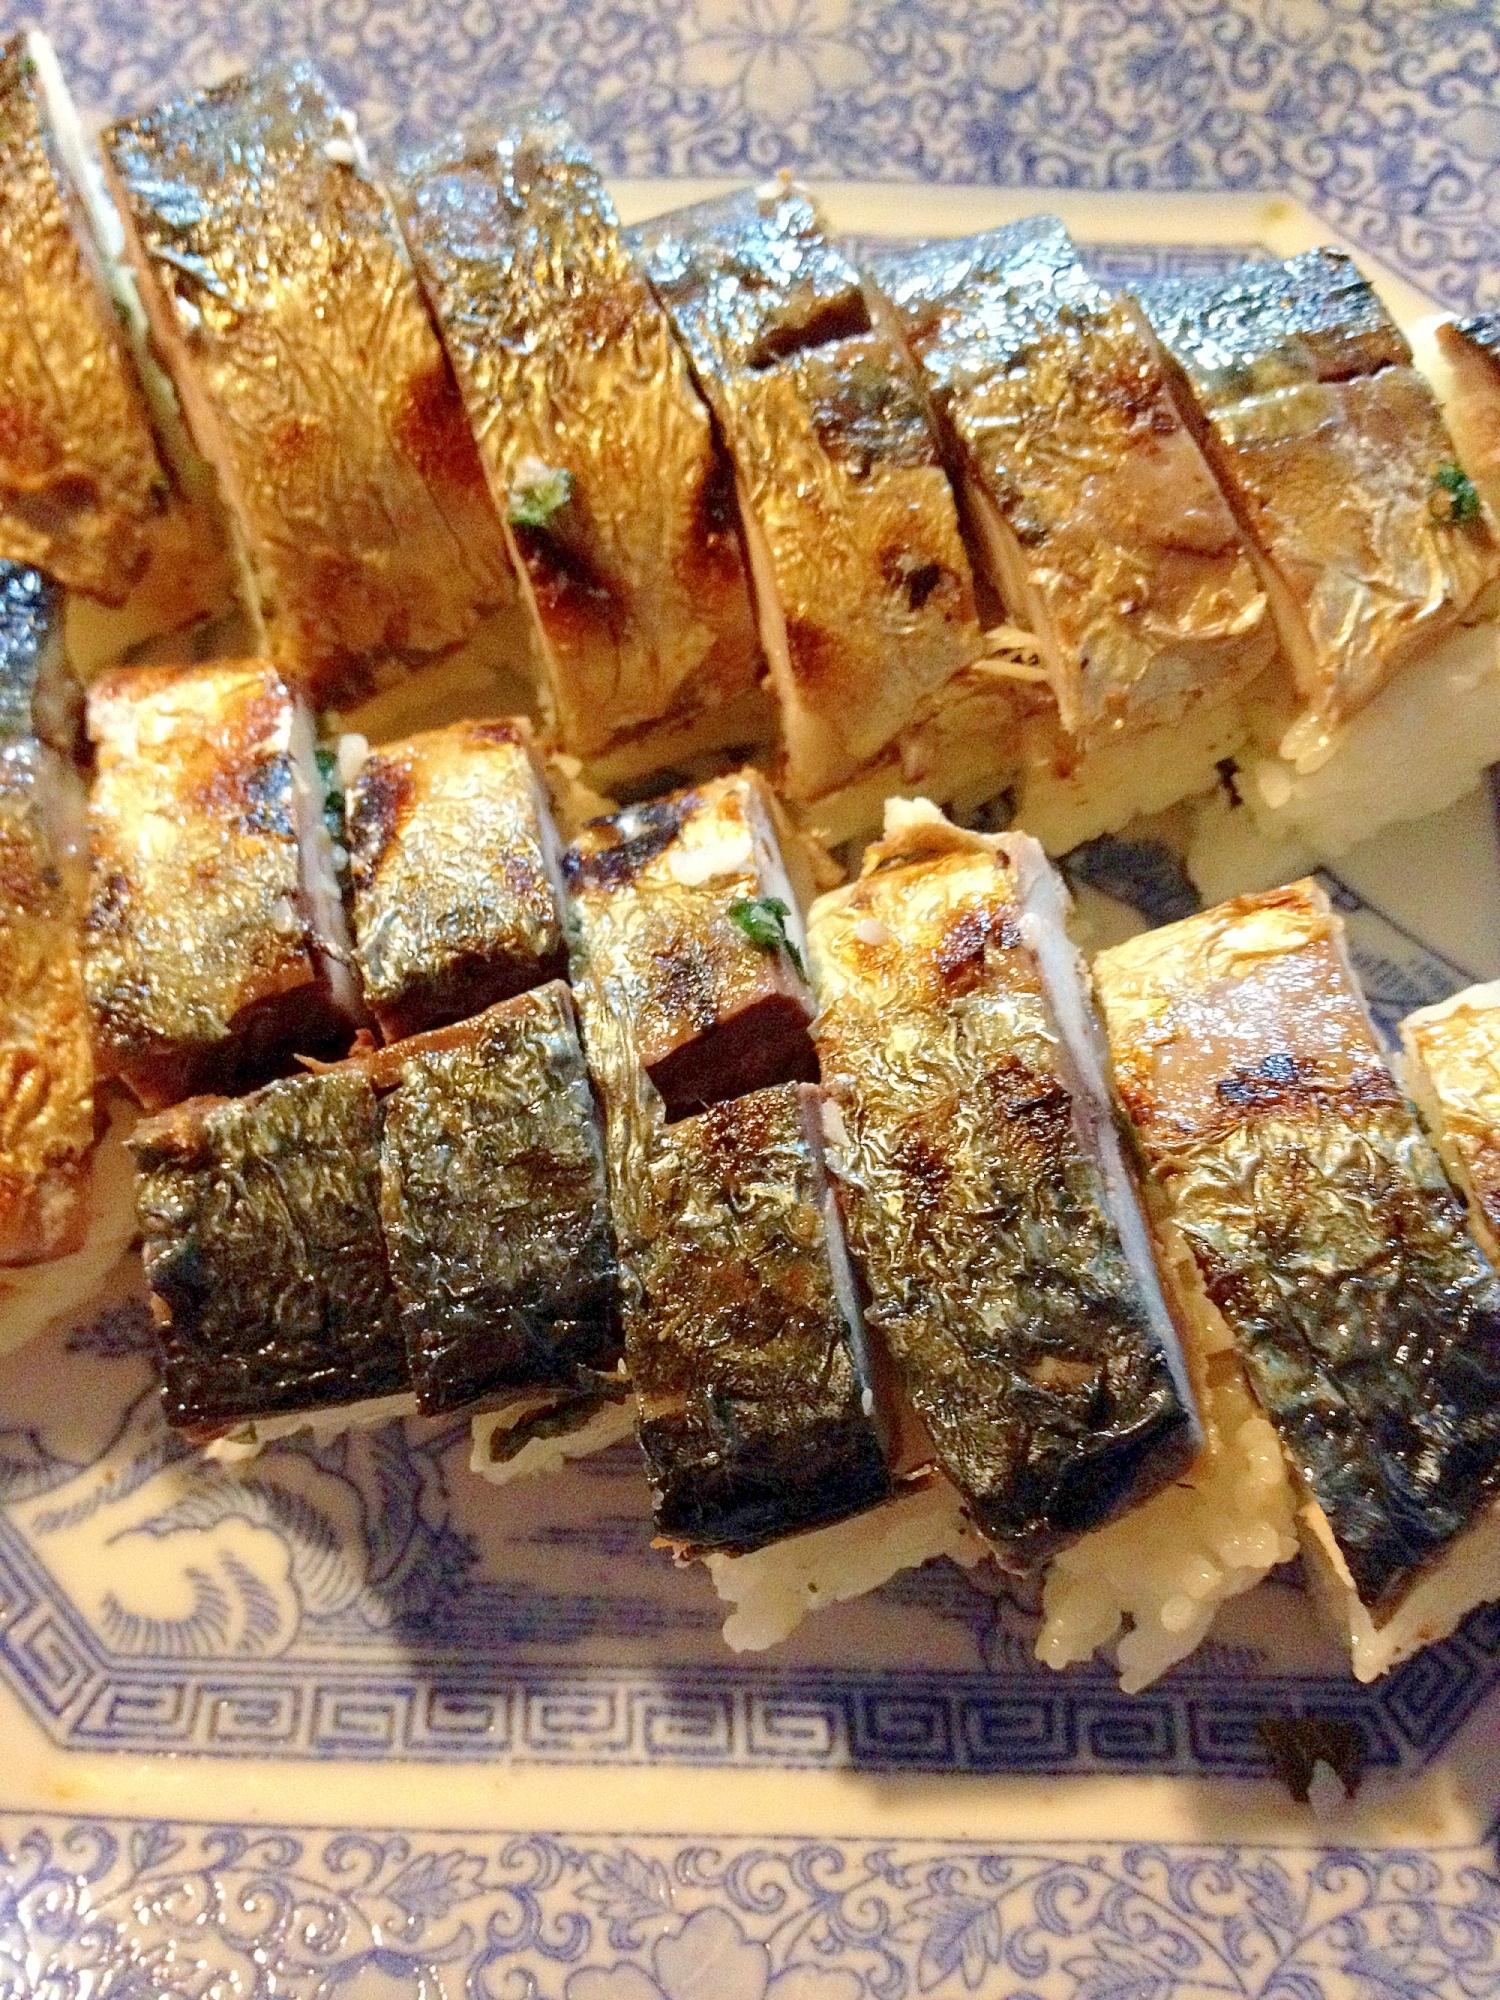 薄青の中華風デザインの皿に盛られた、焼き鯖寿司